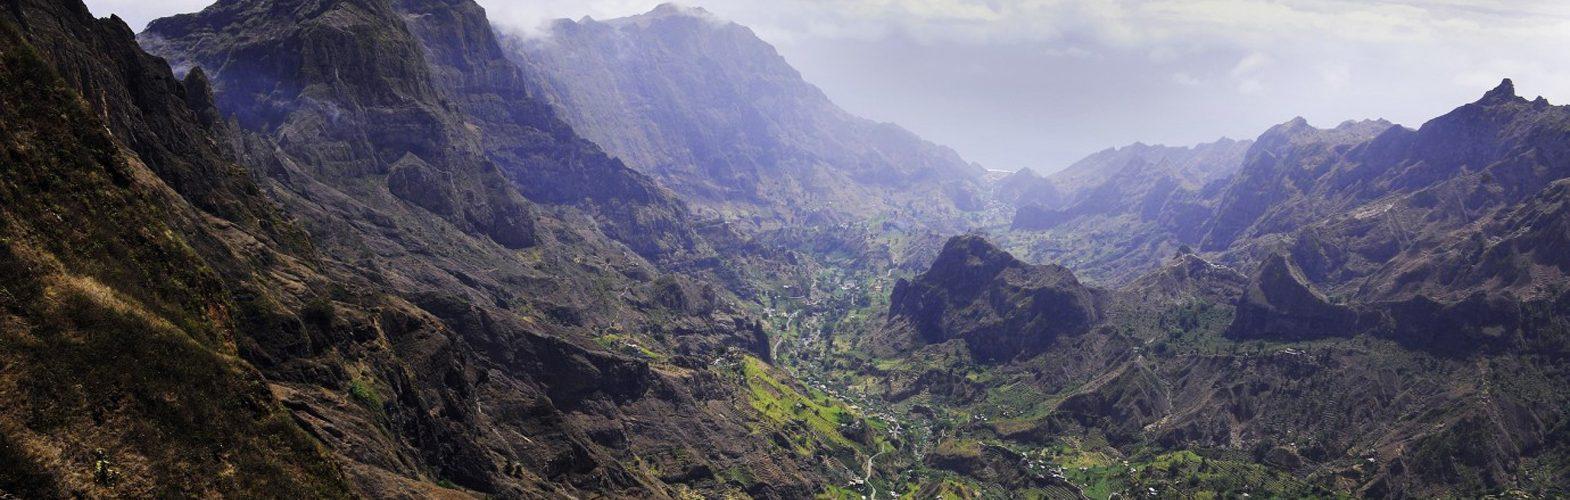 trekking-cabo-verde